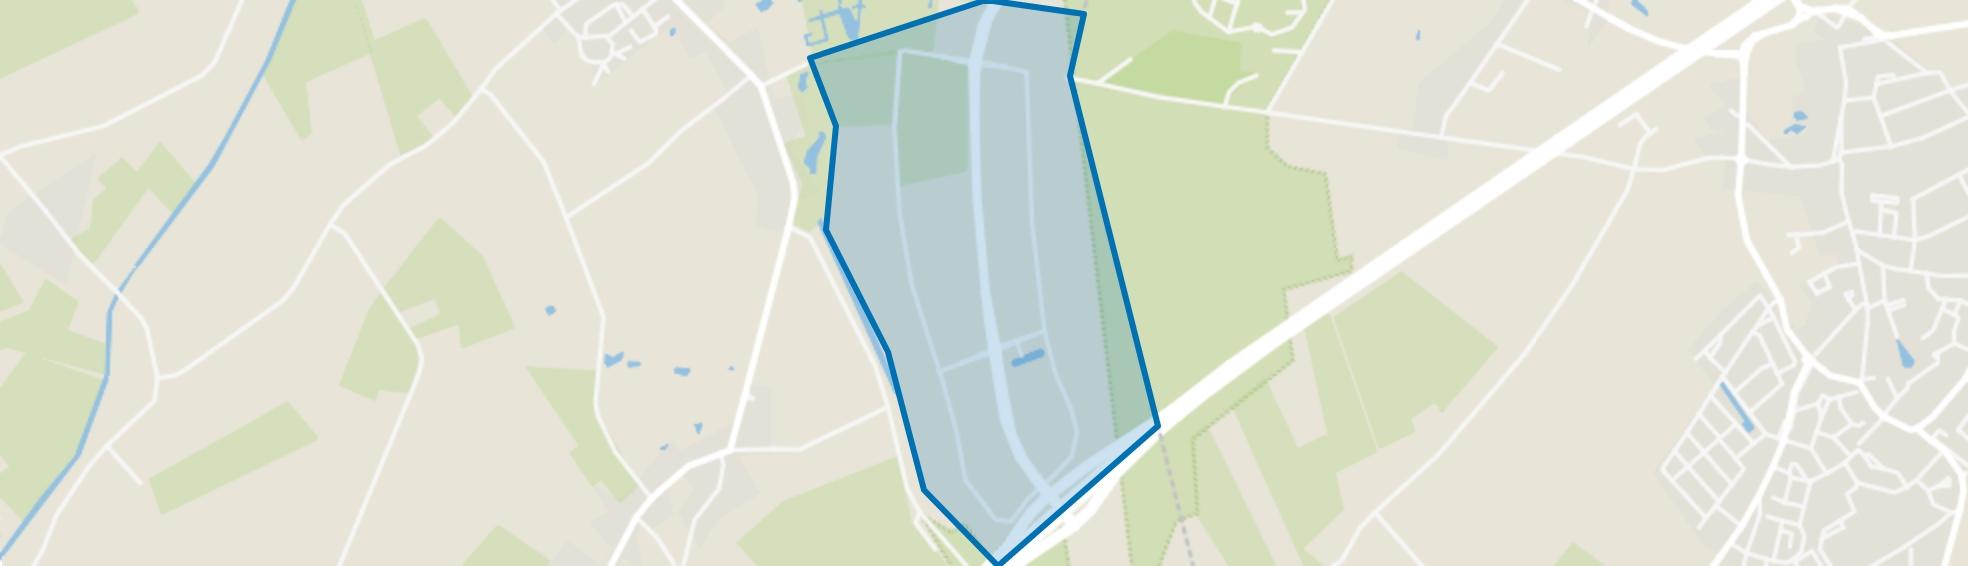 Hapert Kempisch Bedrijvenpark, Hapert map